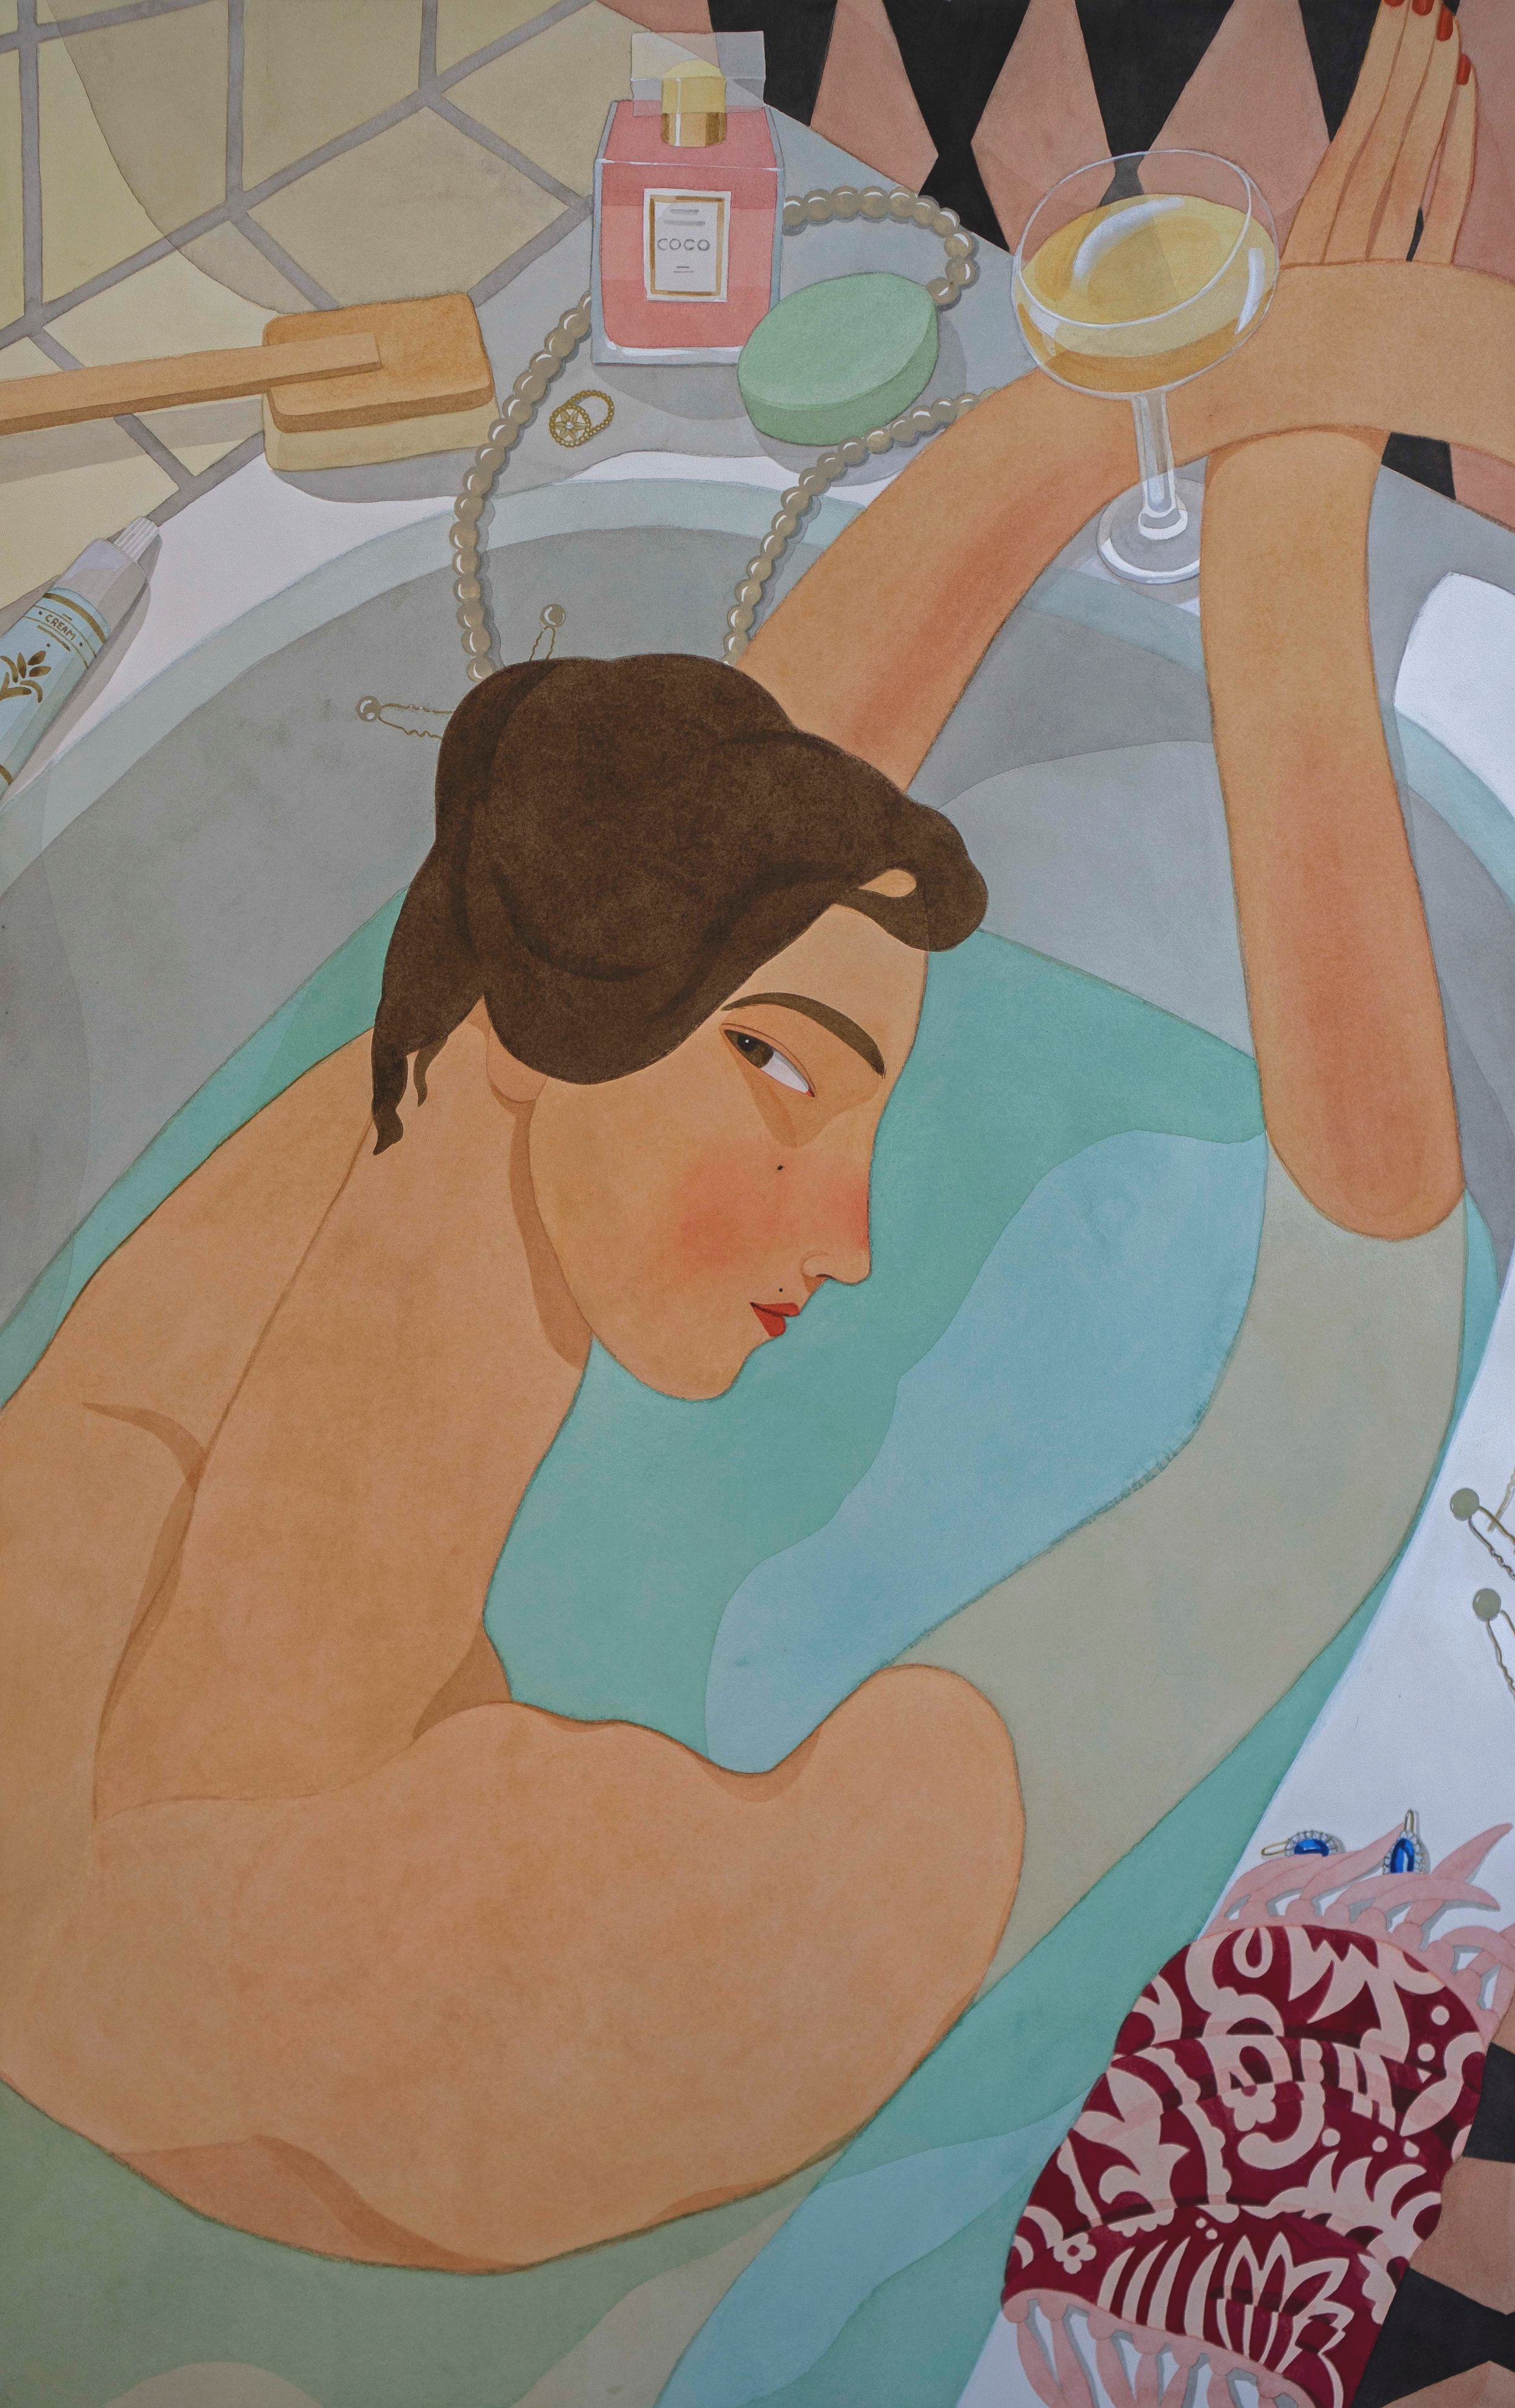 yuliya+yg+%2522Lady+in+the+bath%2522+S2.jpg